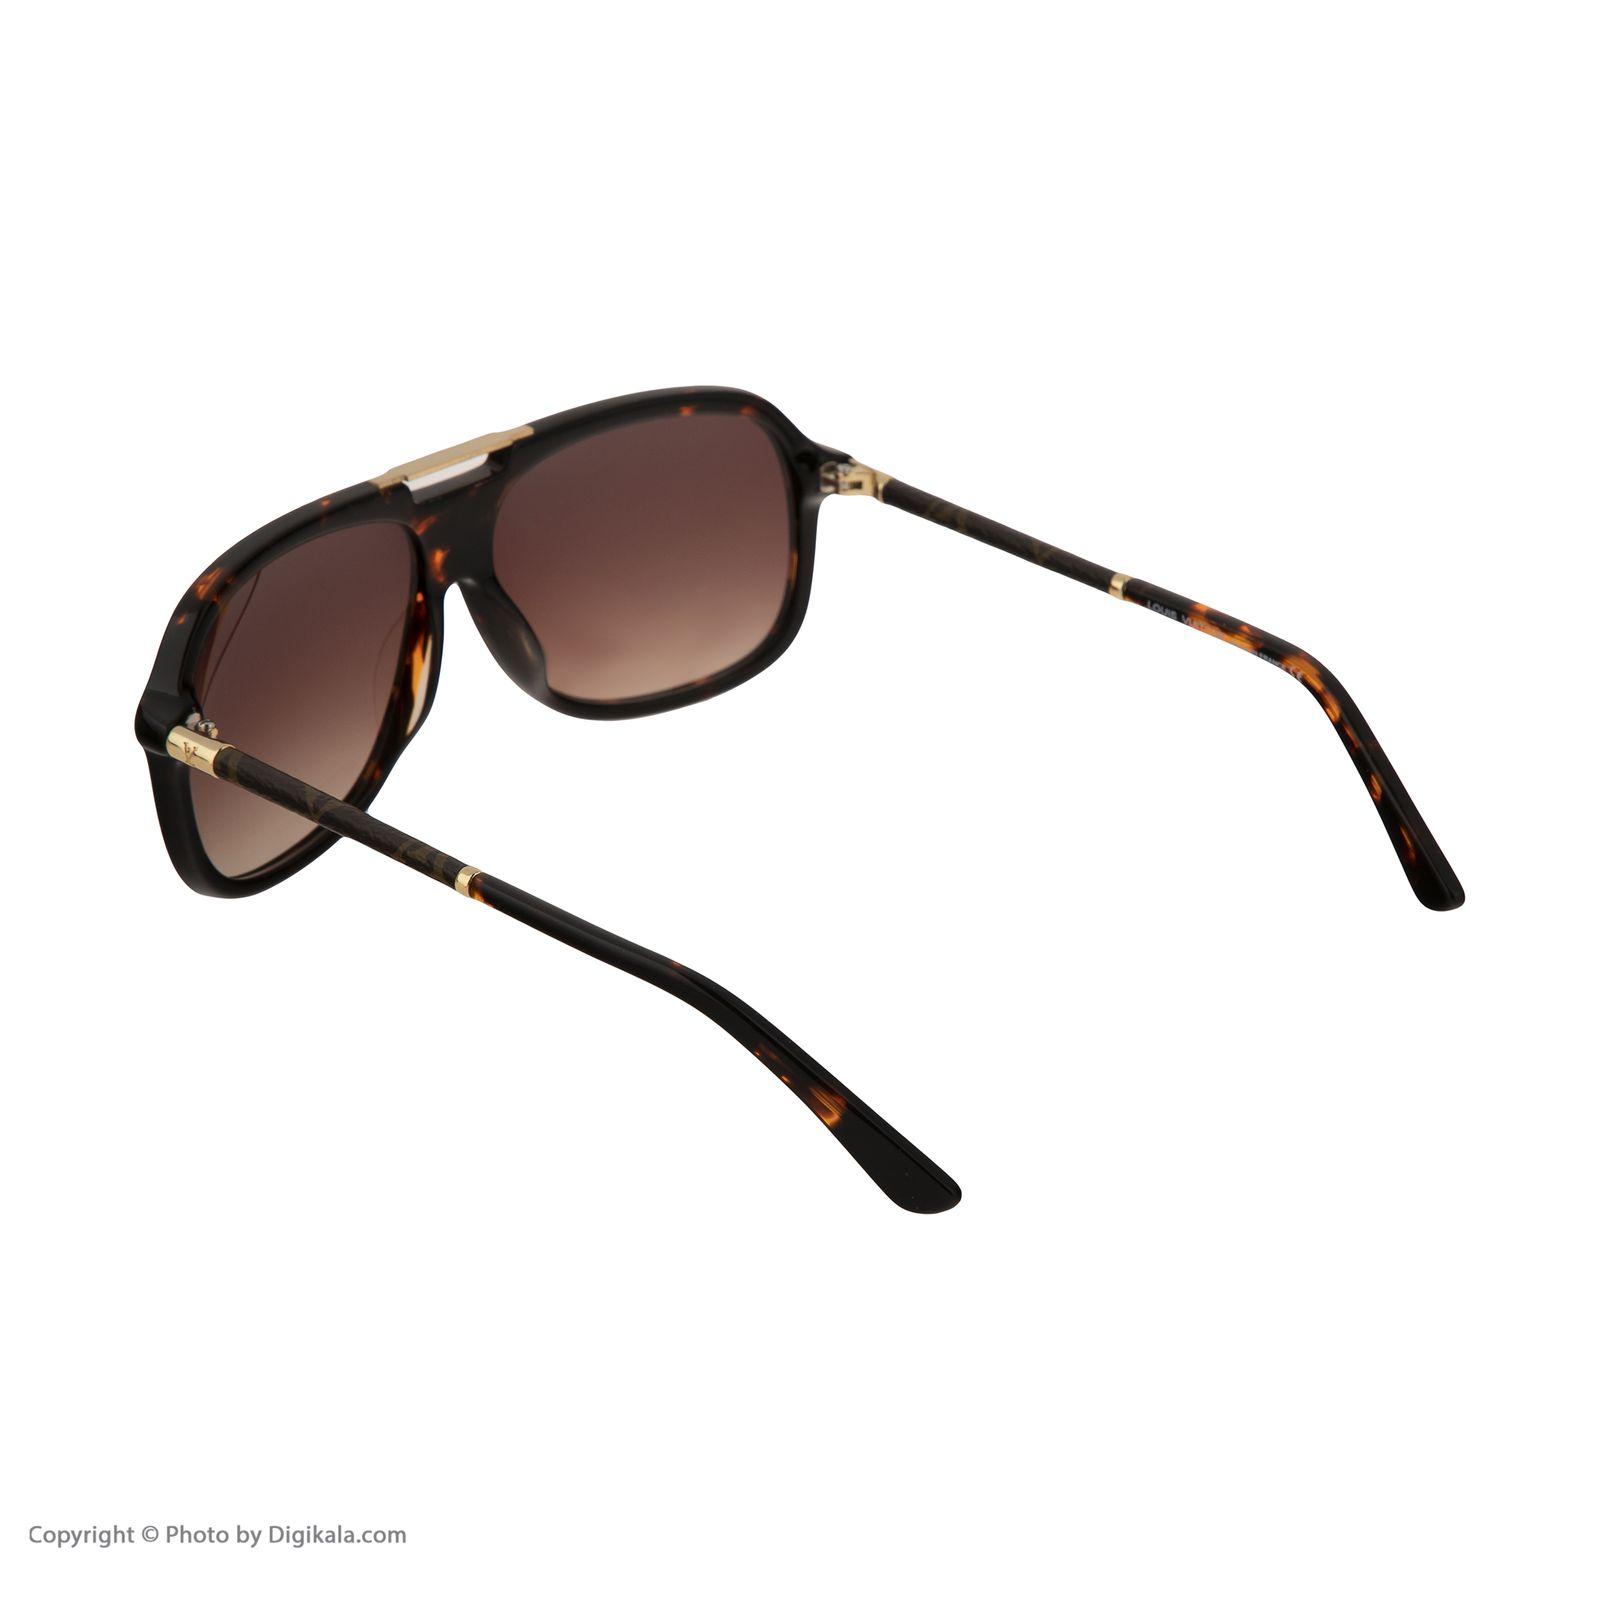 عینک آفتابی لویی ویتون مدل 2977 -  - 5